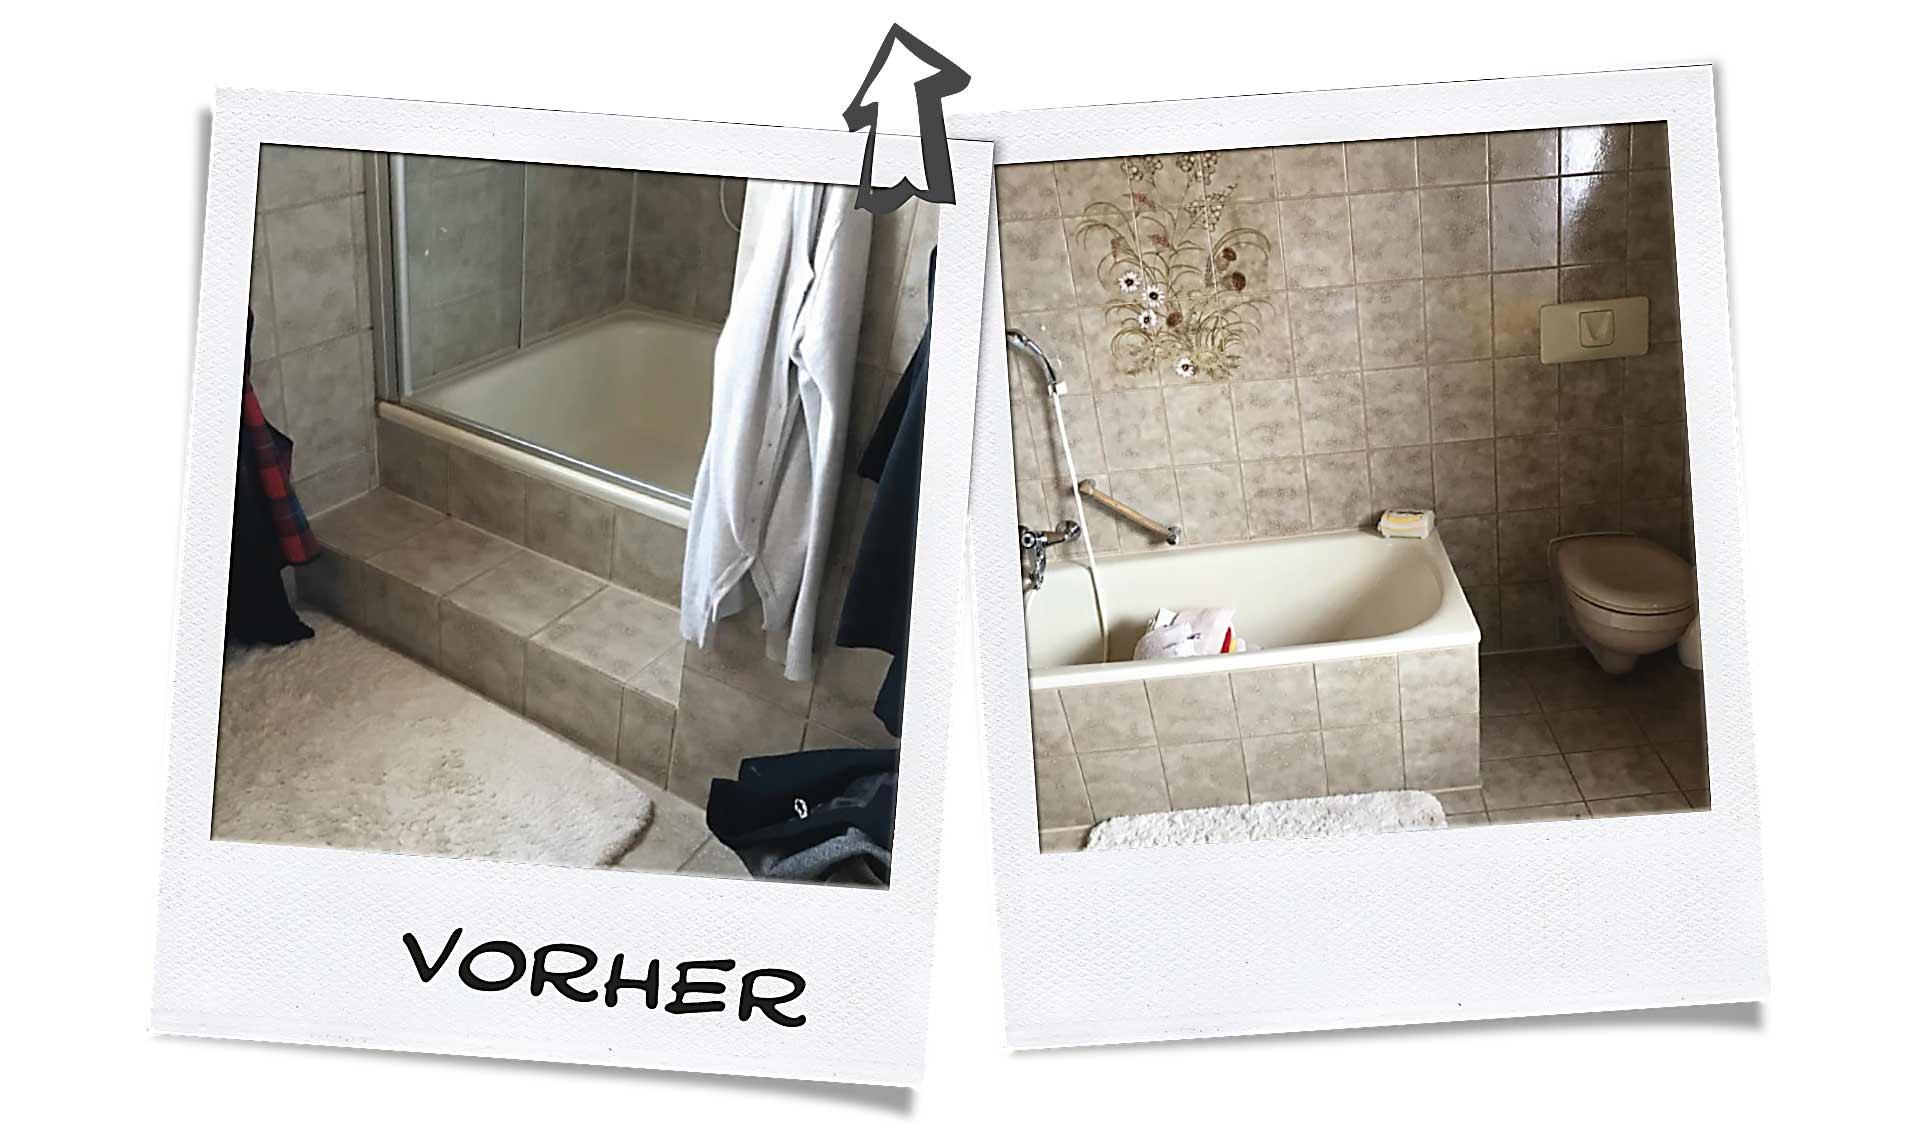 Badezimmer nach Valser Therme von Zitzelsberger